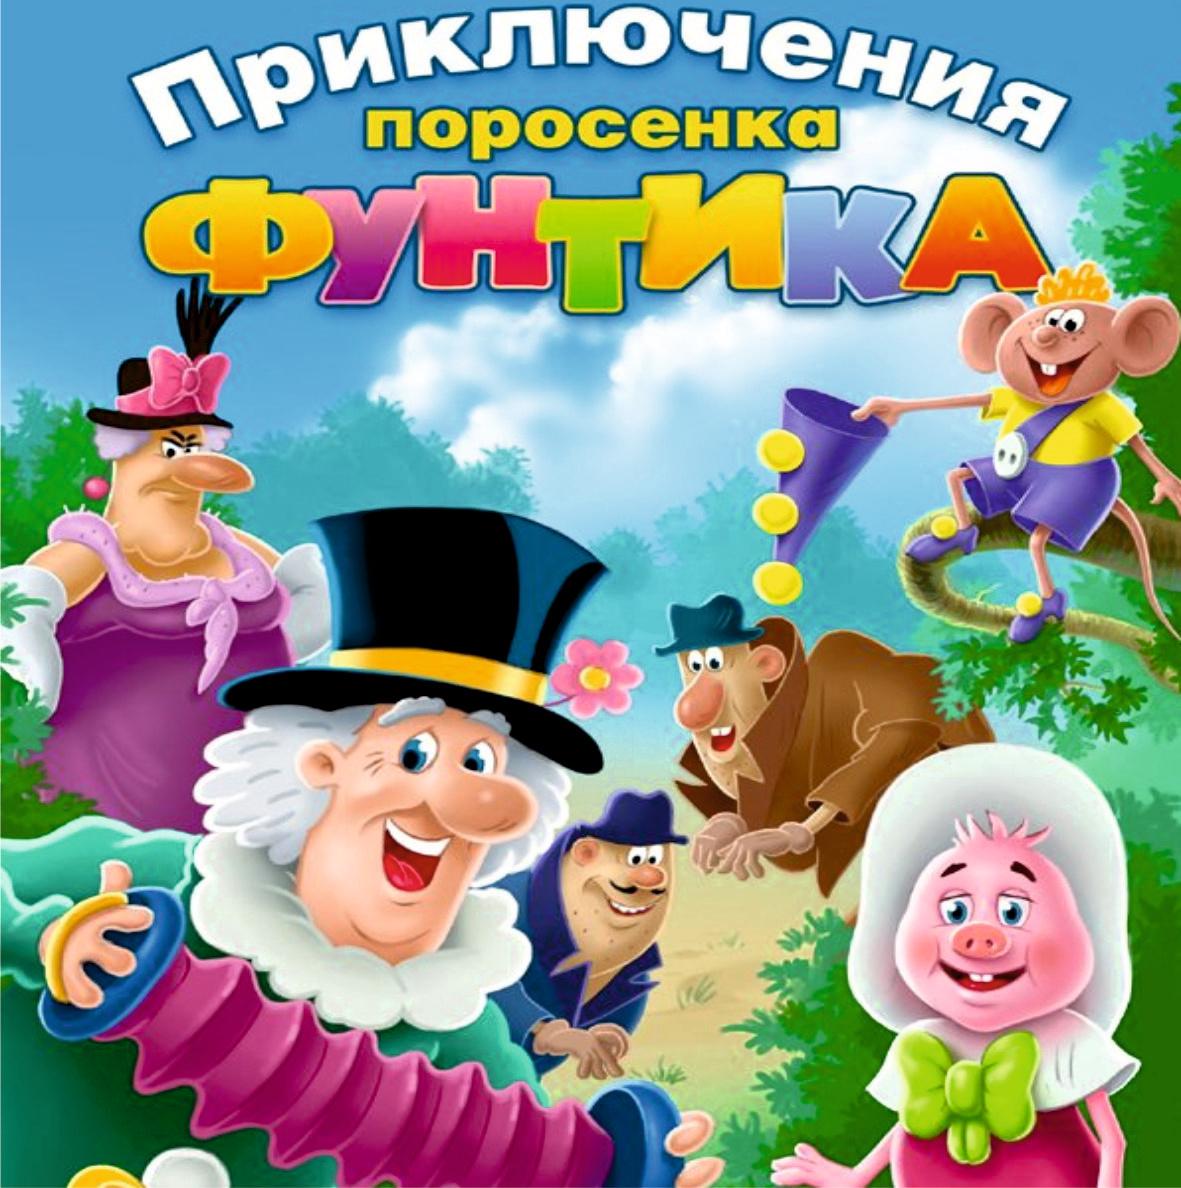 Первомаем, новогодняя открытка фунтик